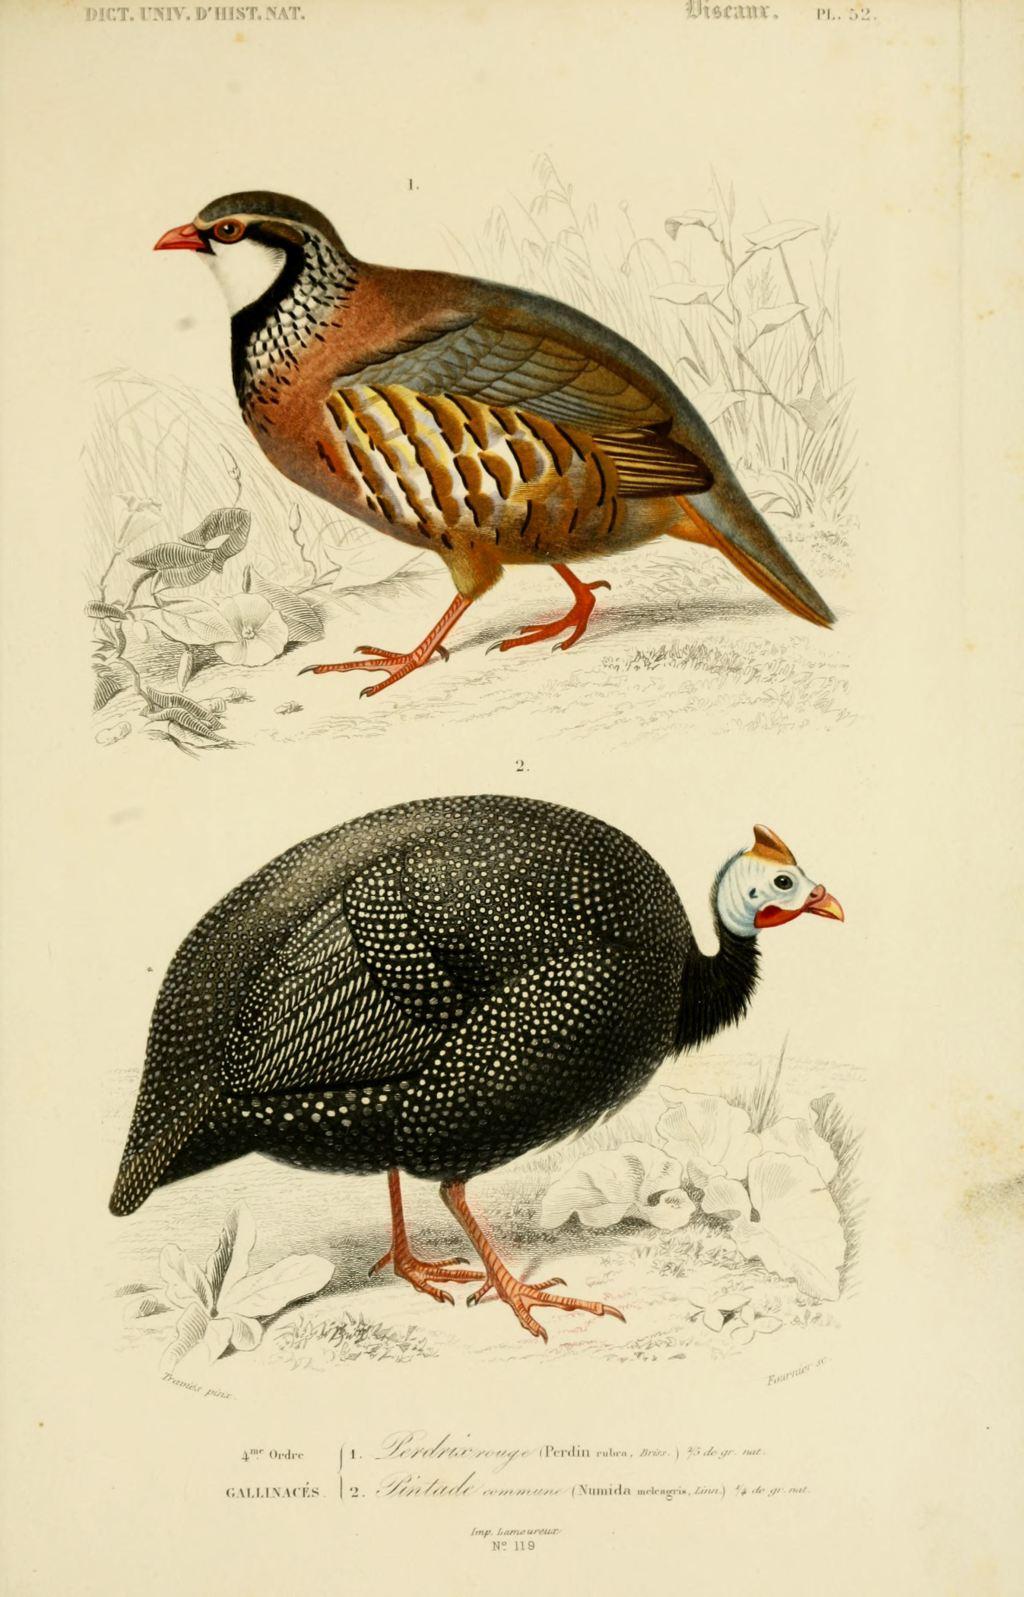 gravures couleur d 39 oiseaux gravure oiseau 0267 perdrix rouge perdin rubra gallinace. Black Bedroom Furniture Sets. Home Design Ideas